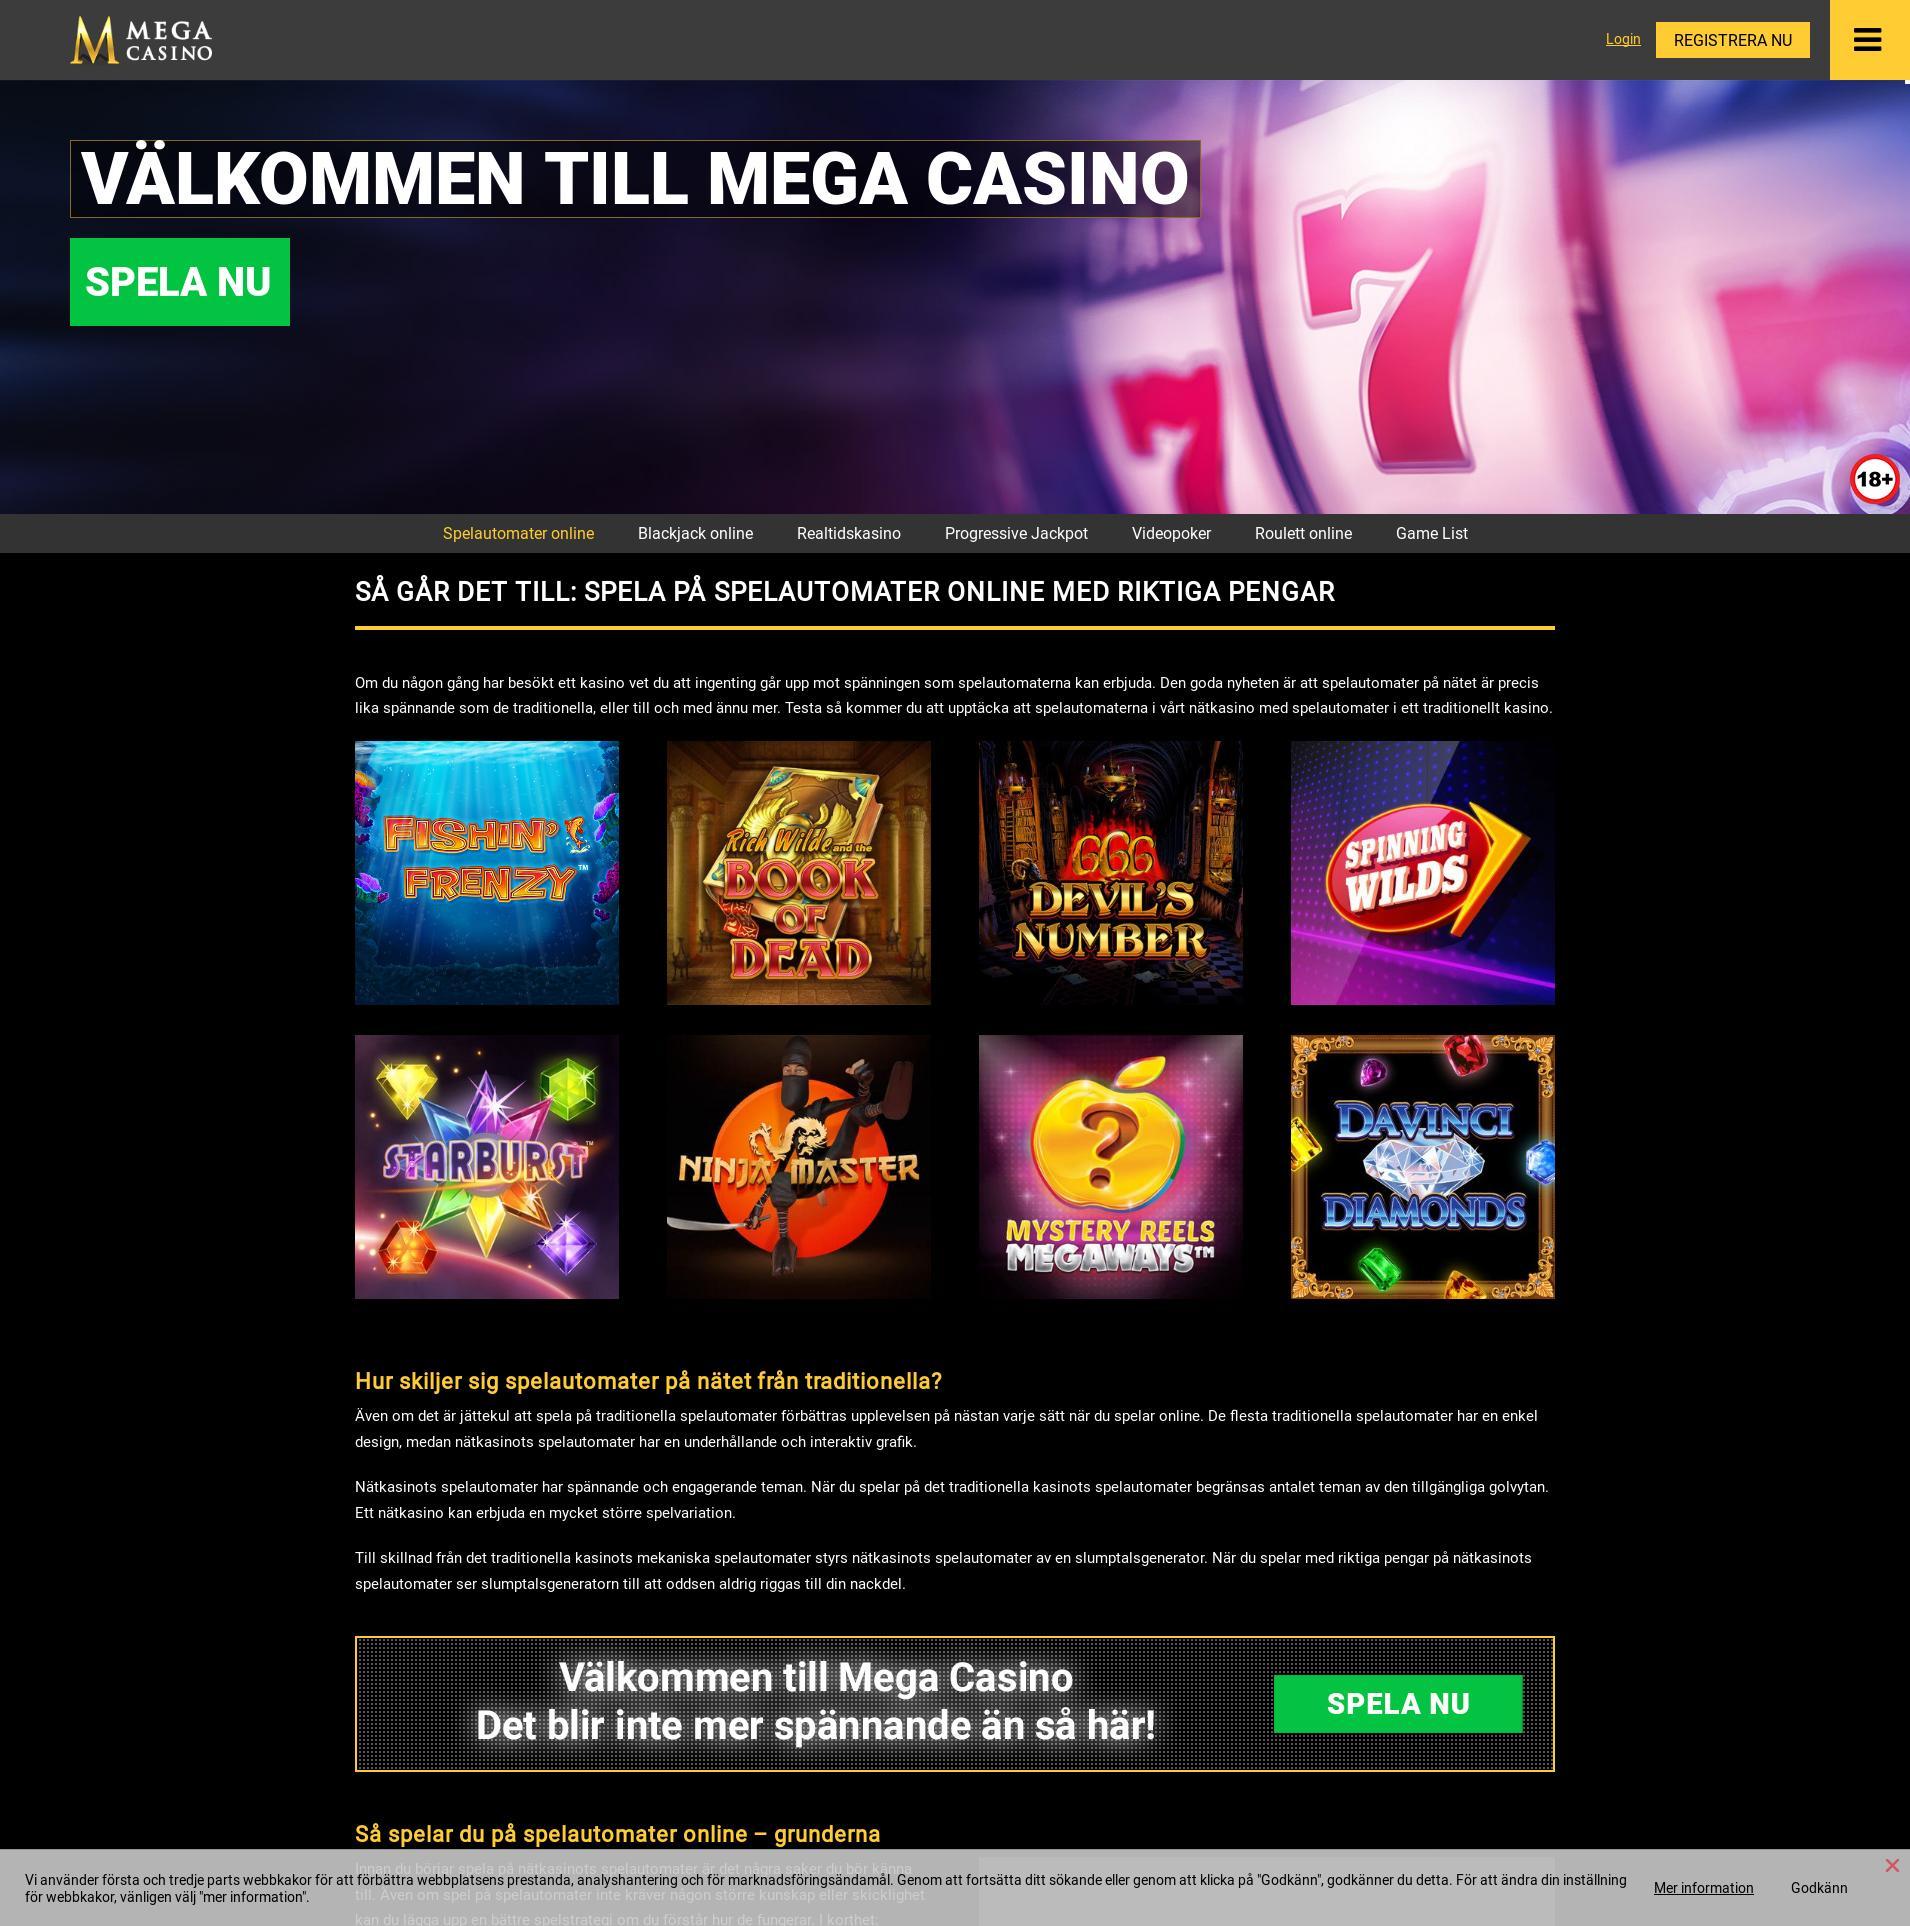 Casino screen Lobby 2019-06-19 for Sweden